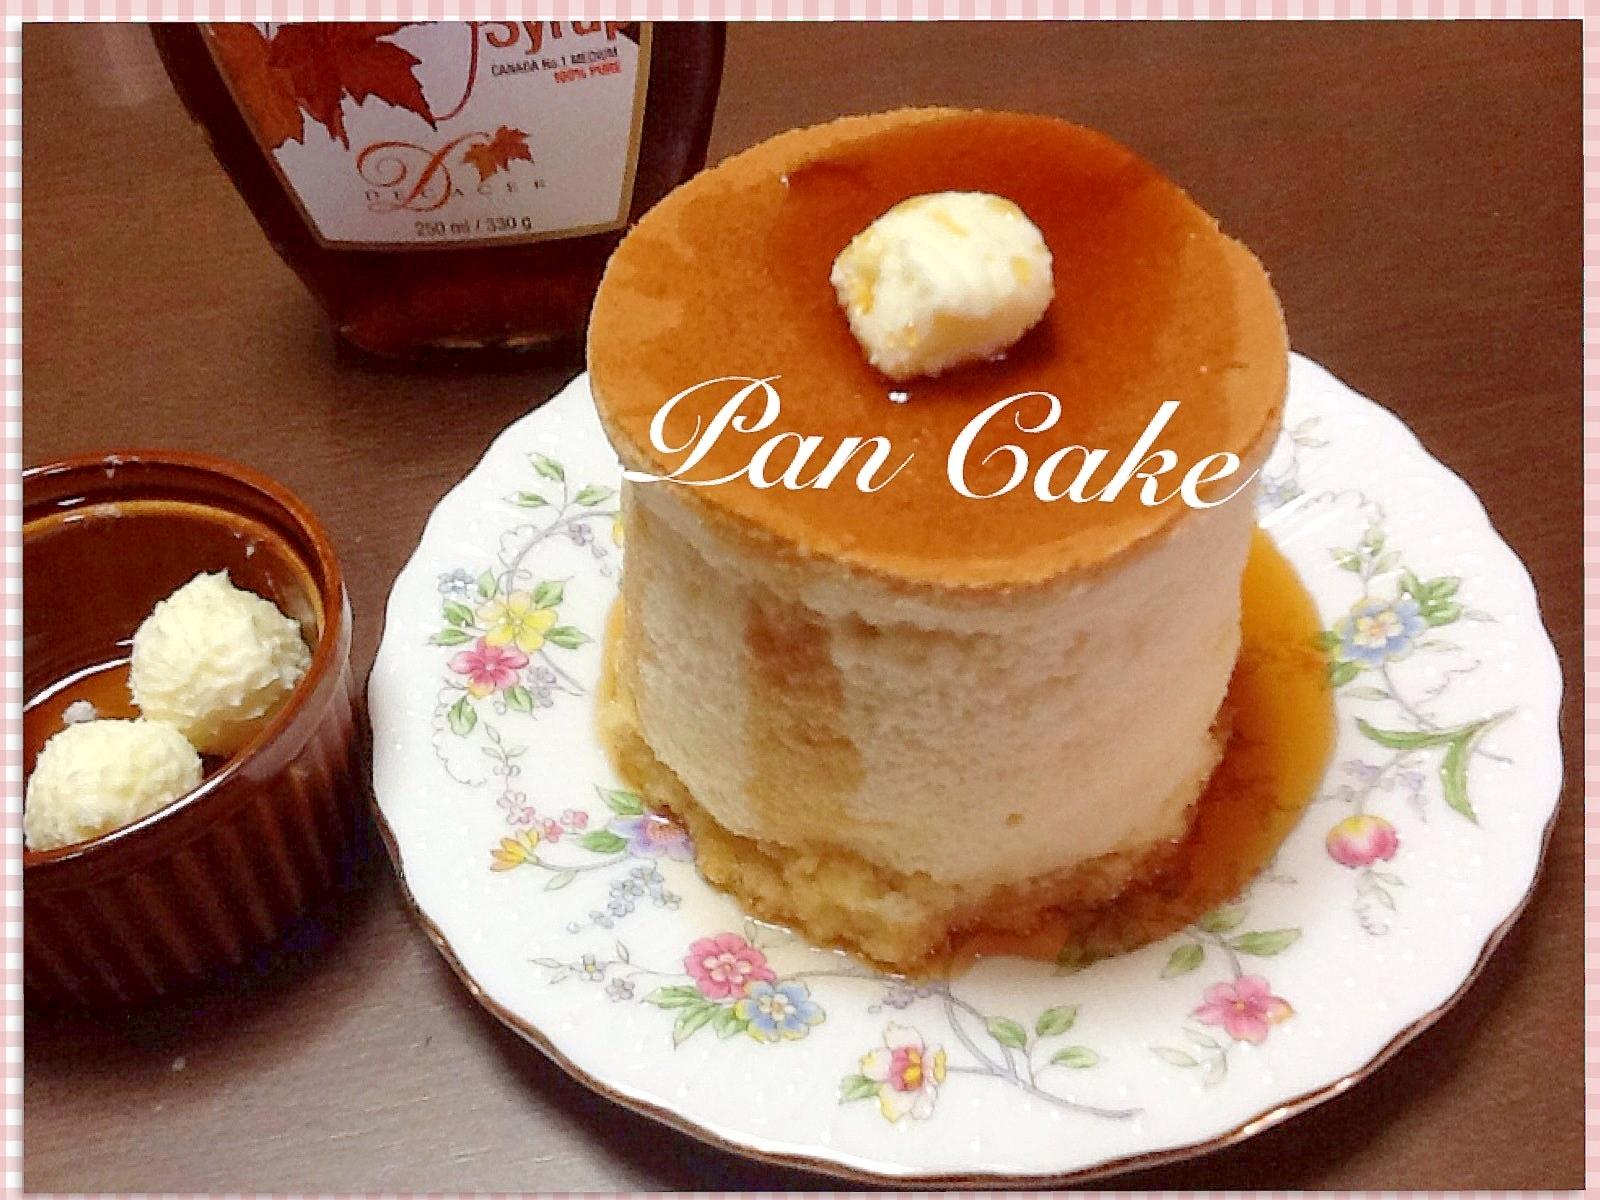 ふわふわ厚焼きパンケーキ